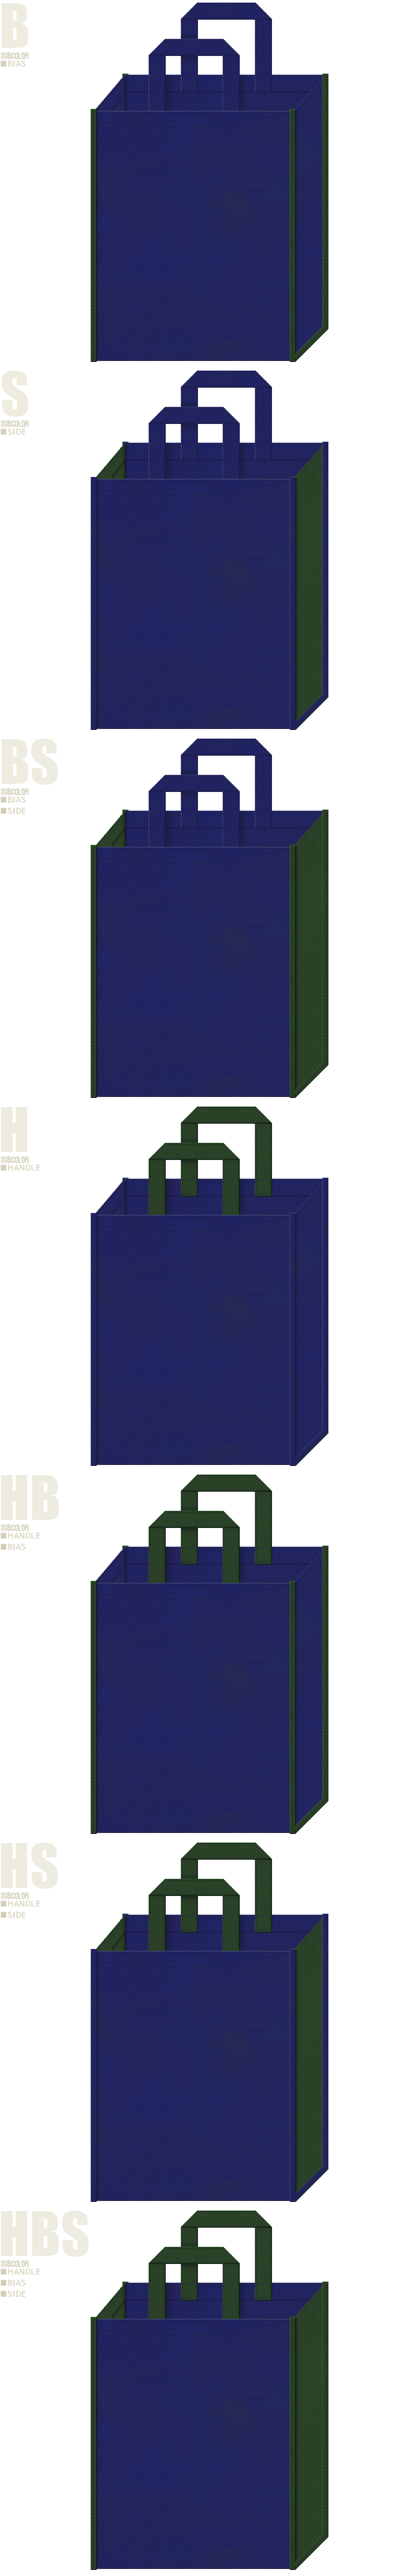 紺紫色と濃緑色-7パターンの不織布トートバッグ配色デザイン例